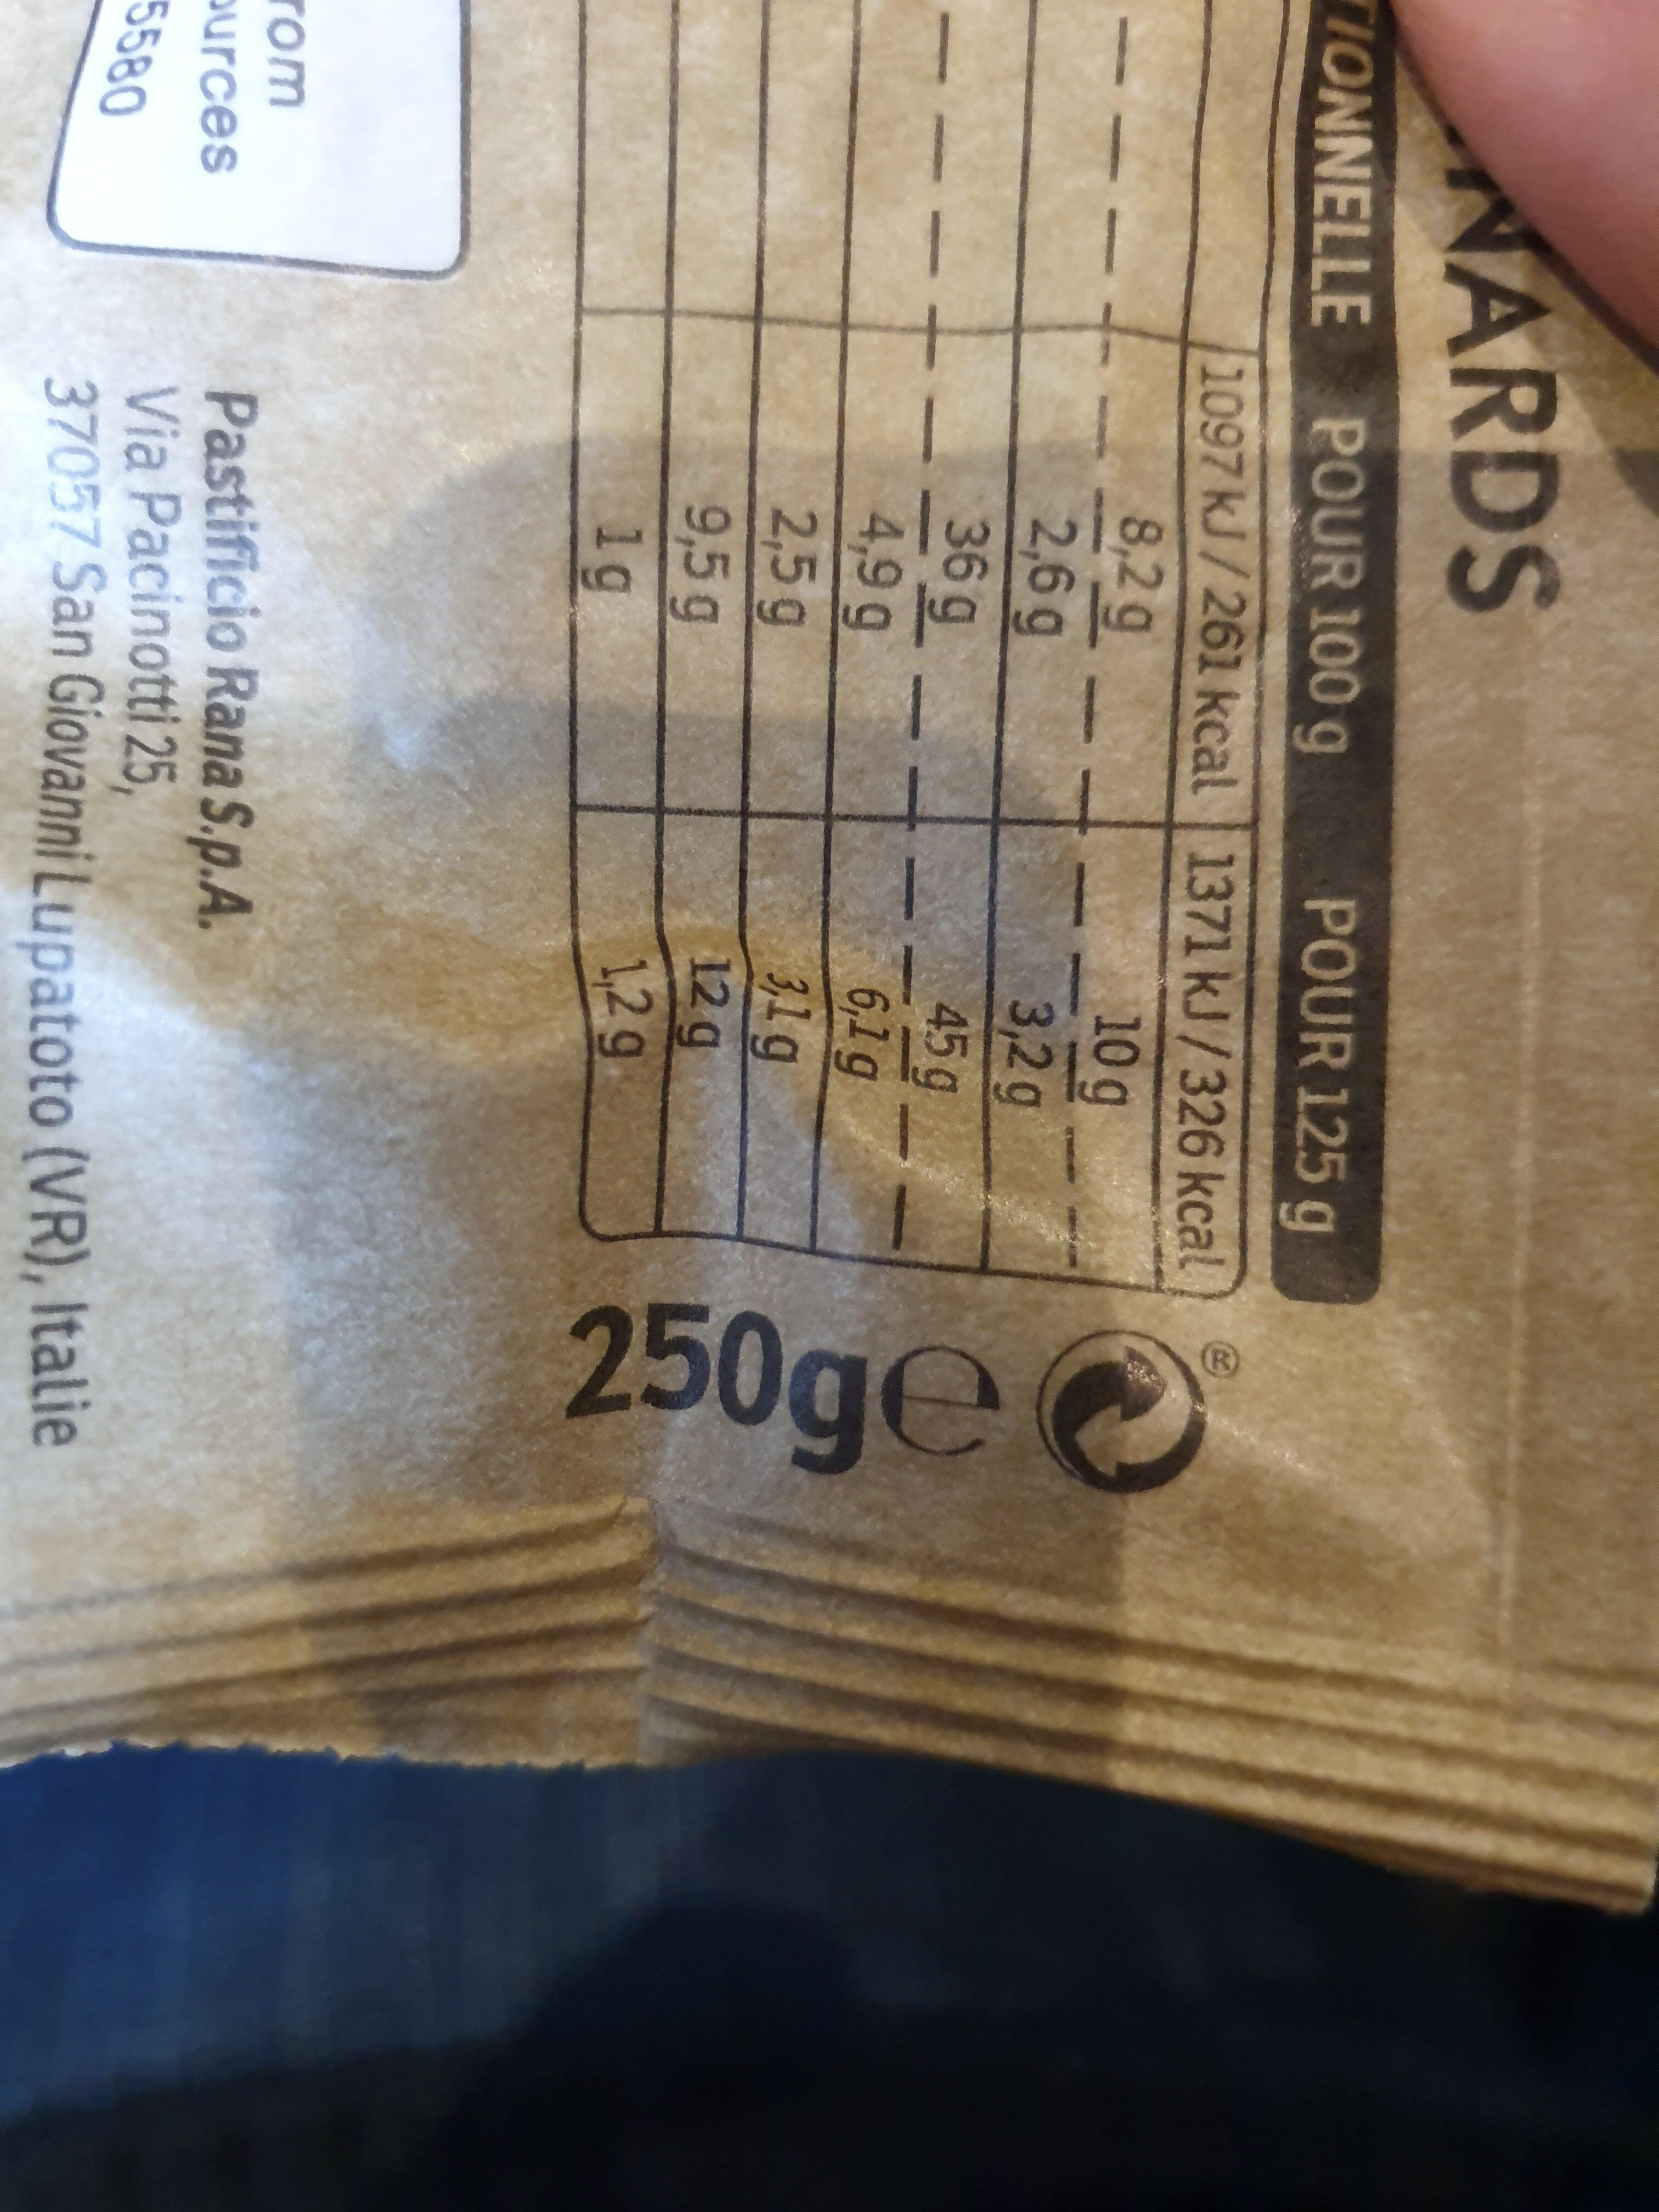 Tortellini ricotta et épinards - Instrucciones de reciclaje y/o información de embalaje - fr